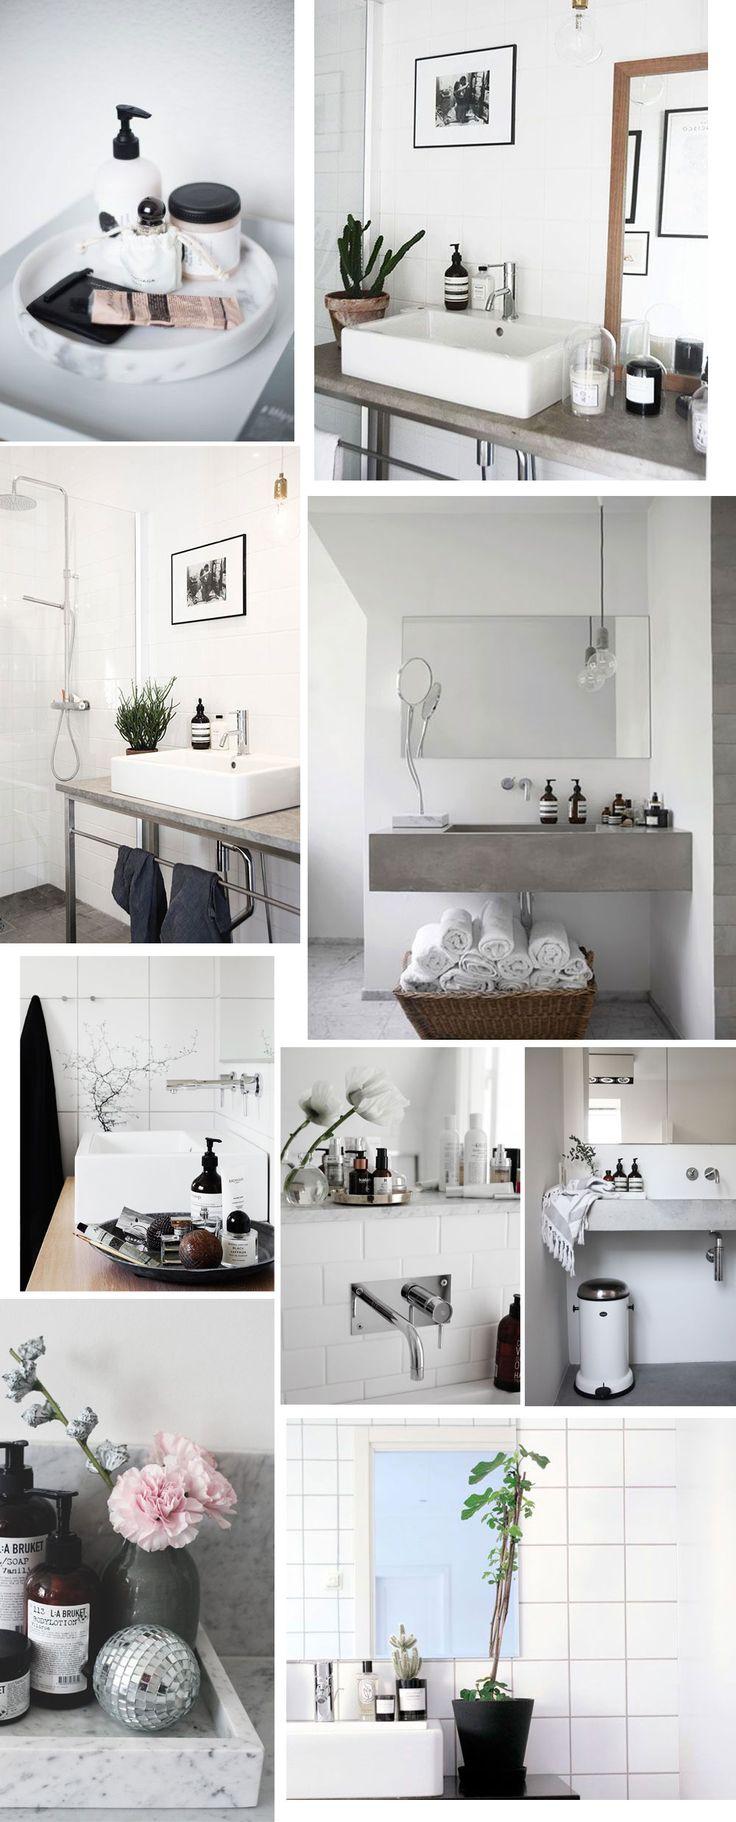 Rigtigt gode ideer til organisering BOLIG sm trin til et opgraderet badeværelse Acie Stylista